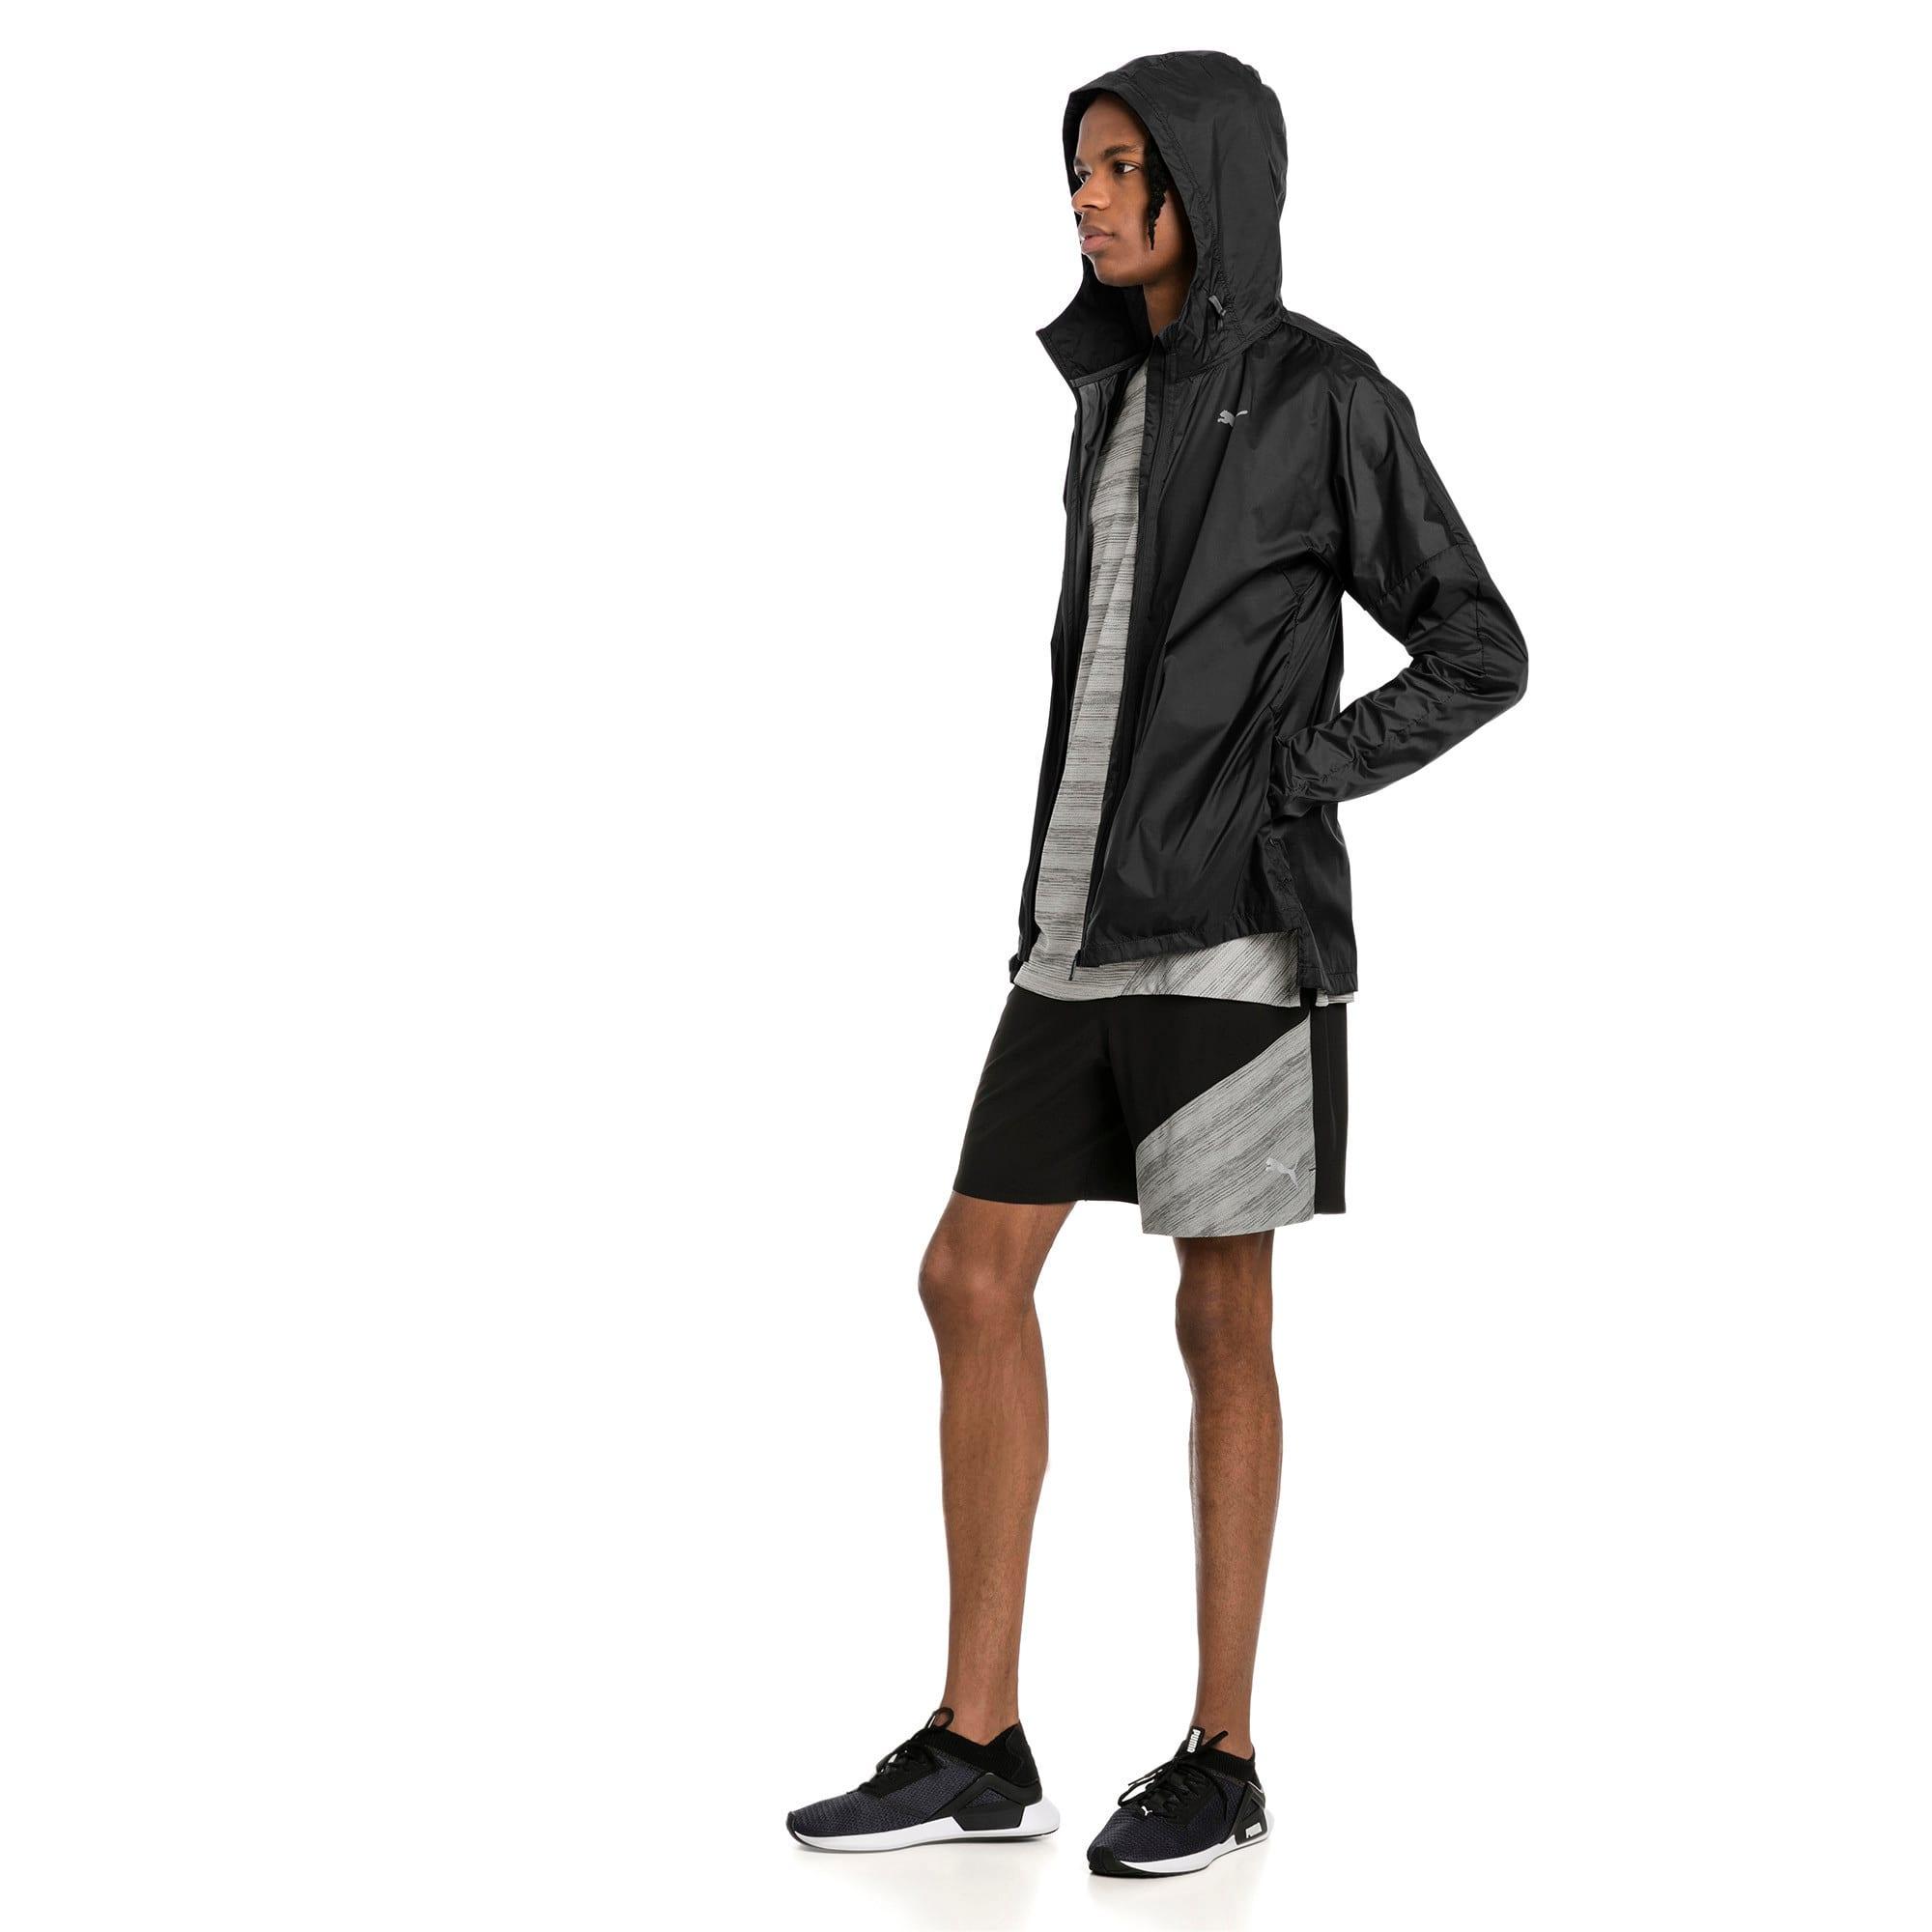 """Thumbnail 3 of Pace 7"""" 2 in 1 Men's Running Shorts, Puma Black-Medium Gry Hthr, medium-IND"""